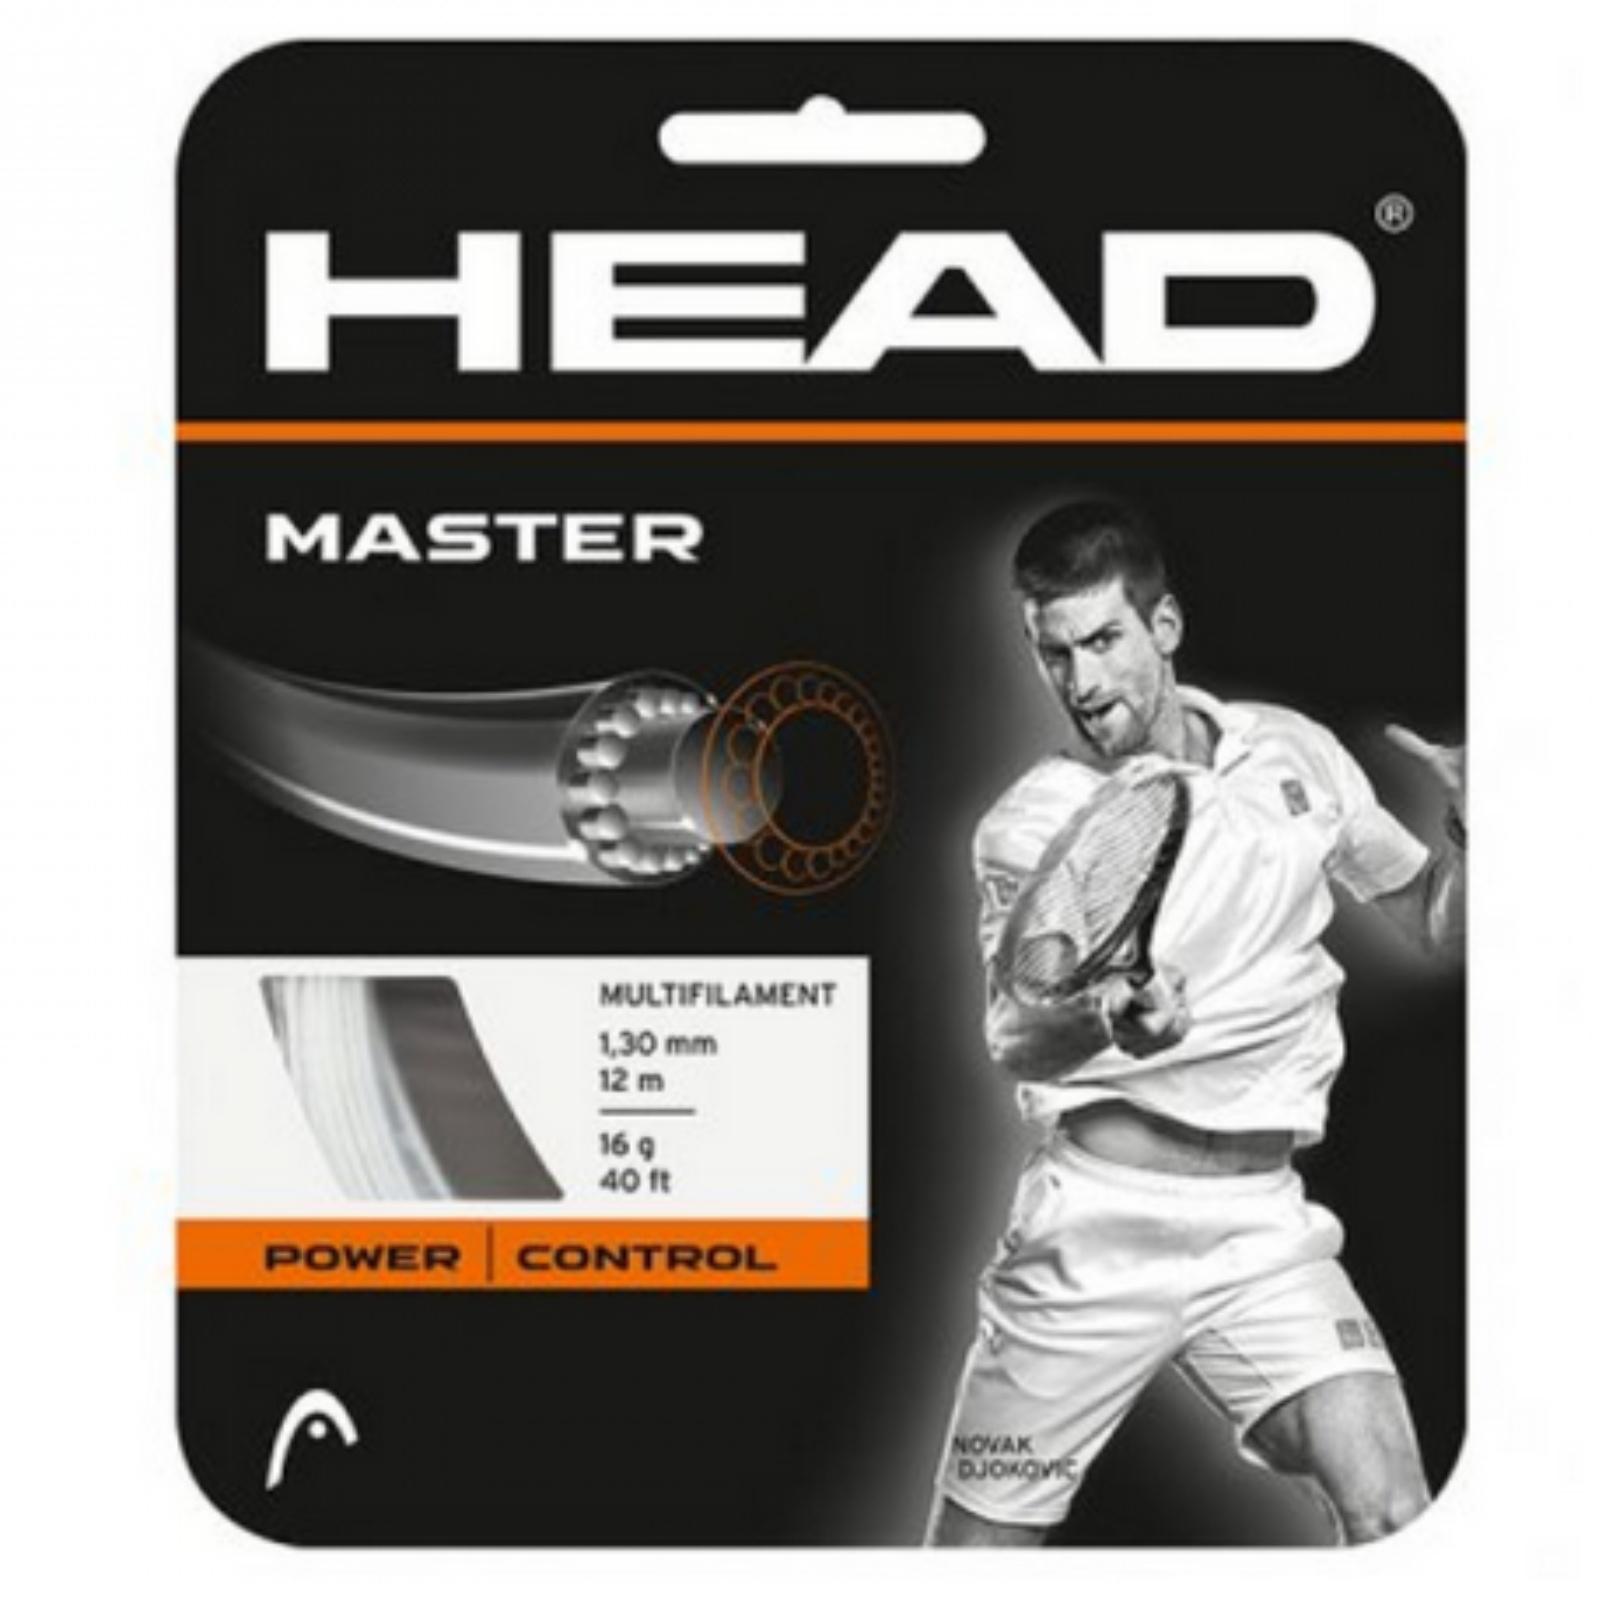 Tenisový výplet HEAD Master 15g 1.40 mm natural